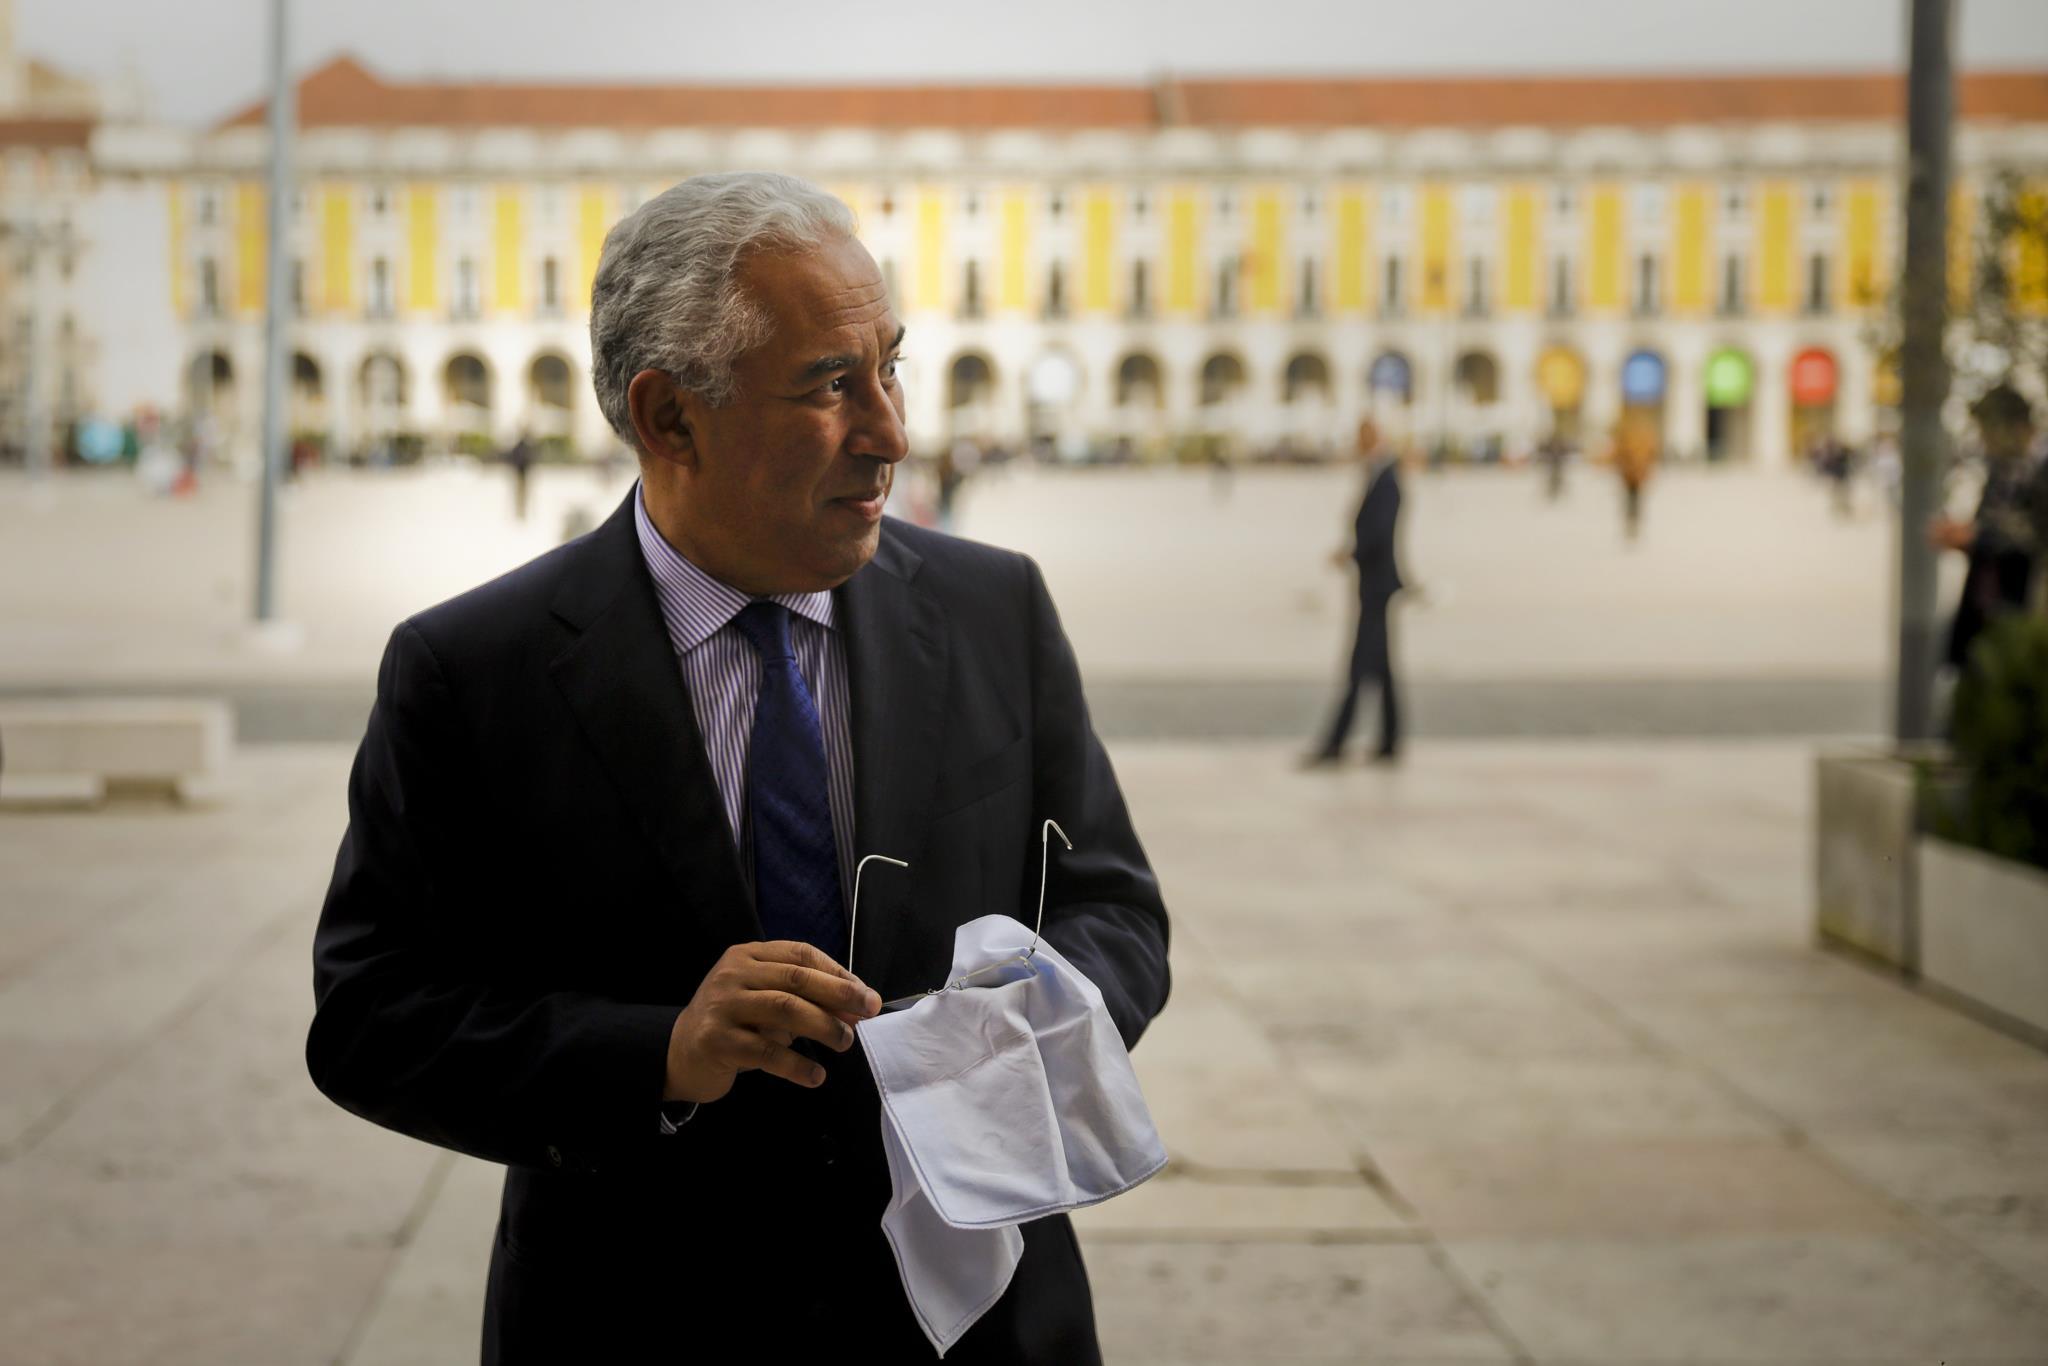 PÚBLICO - João Miguel Tavares